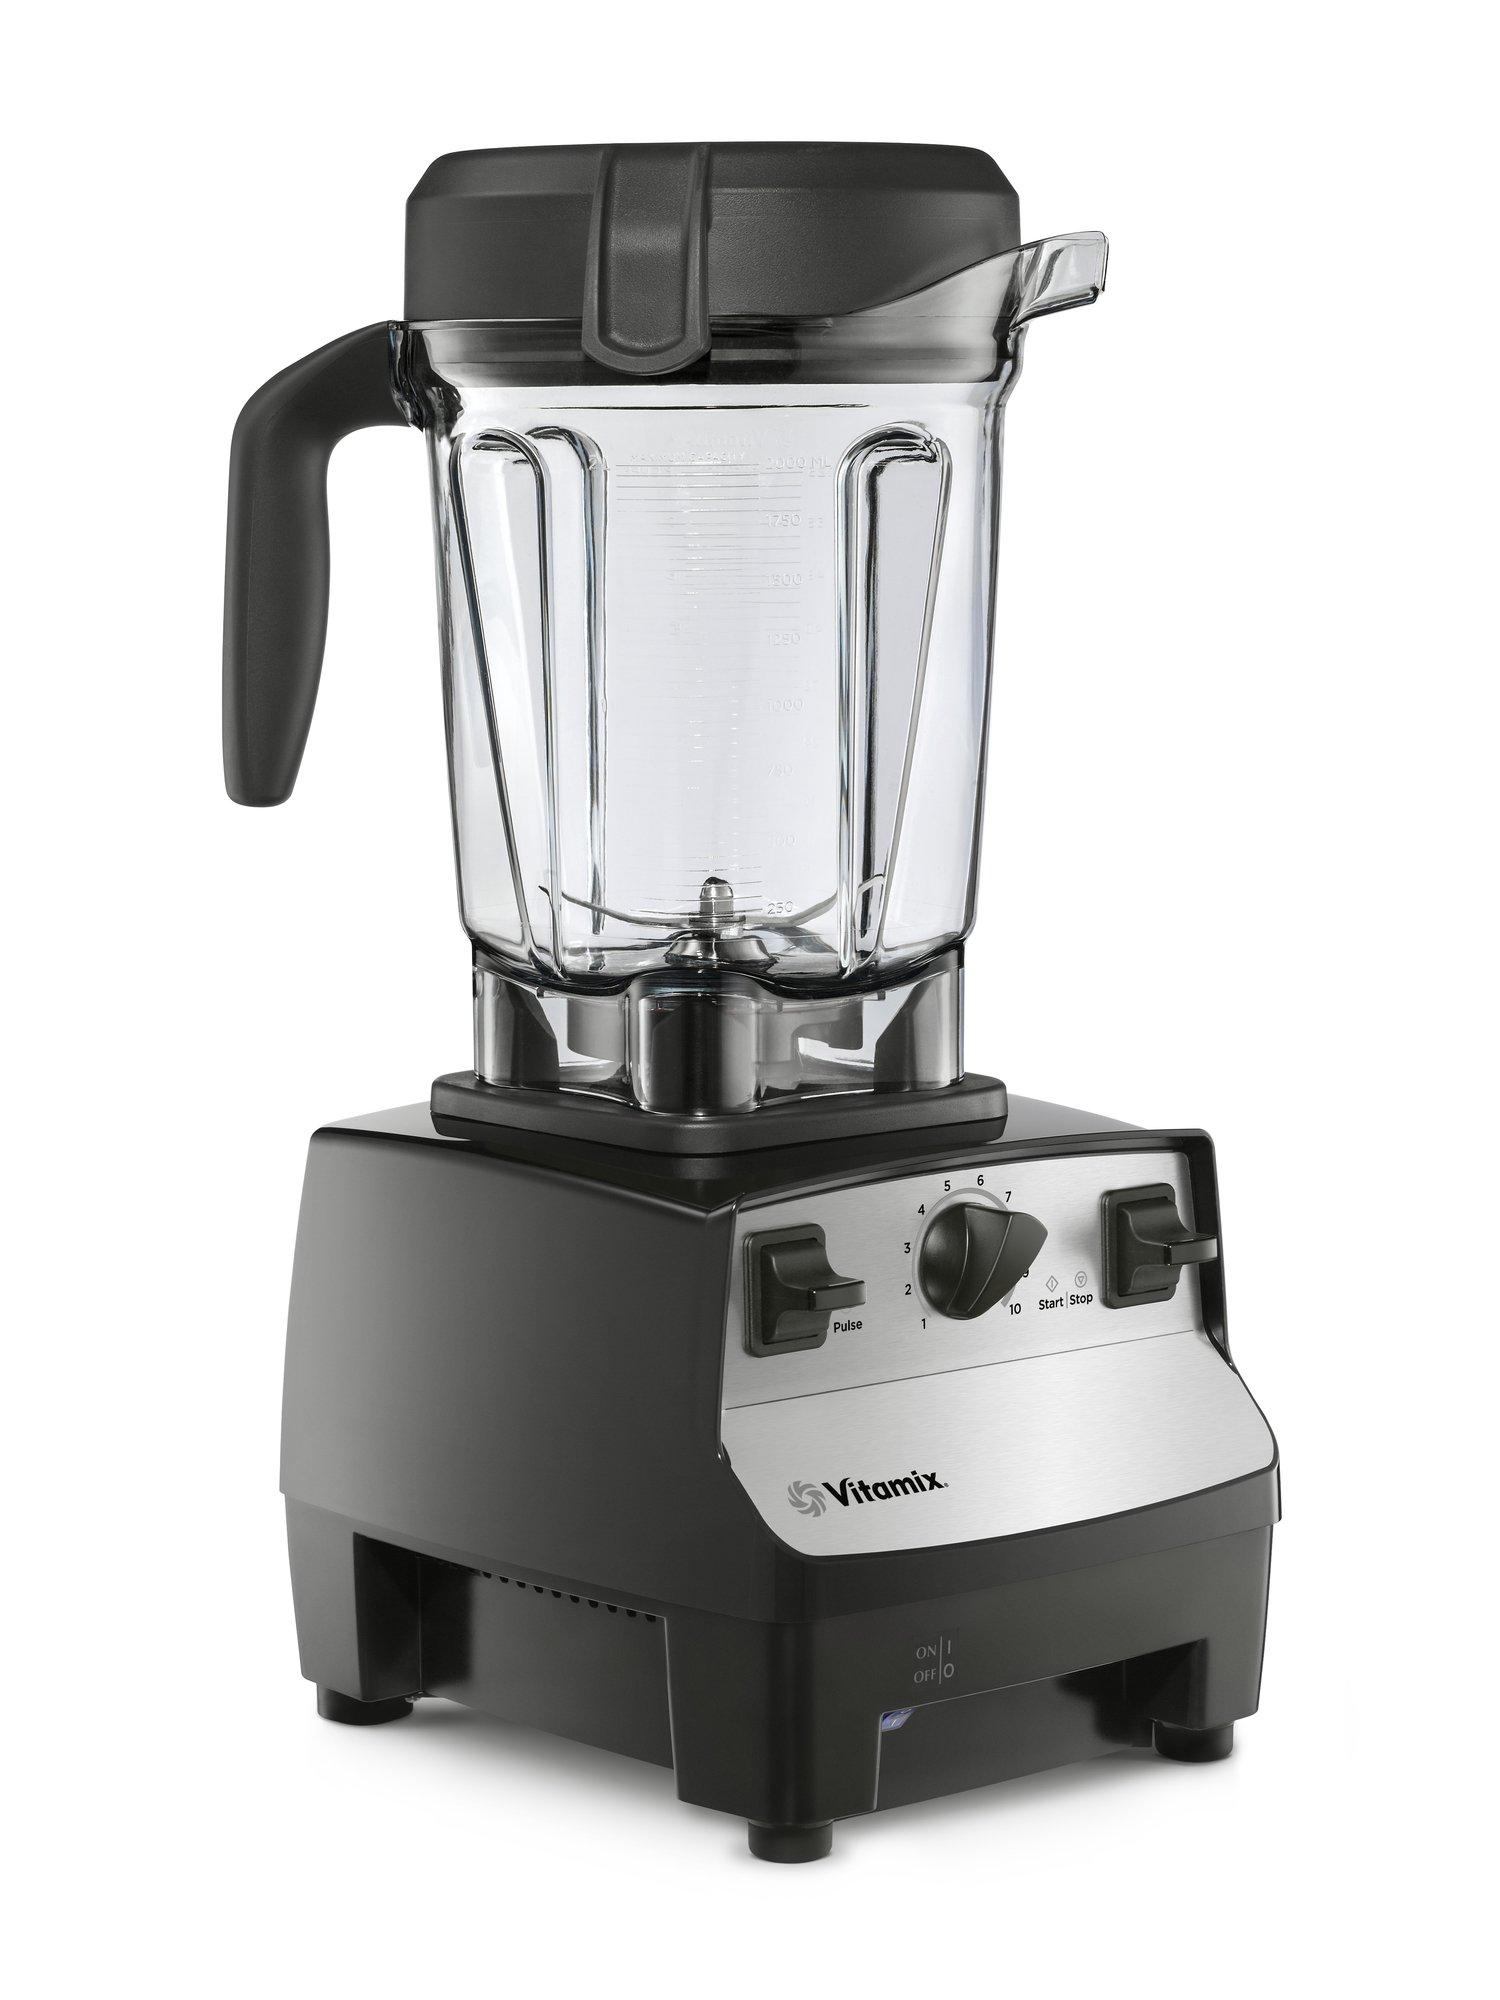 Vitamix 5300 Blender, Black (Certified Refurbished)